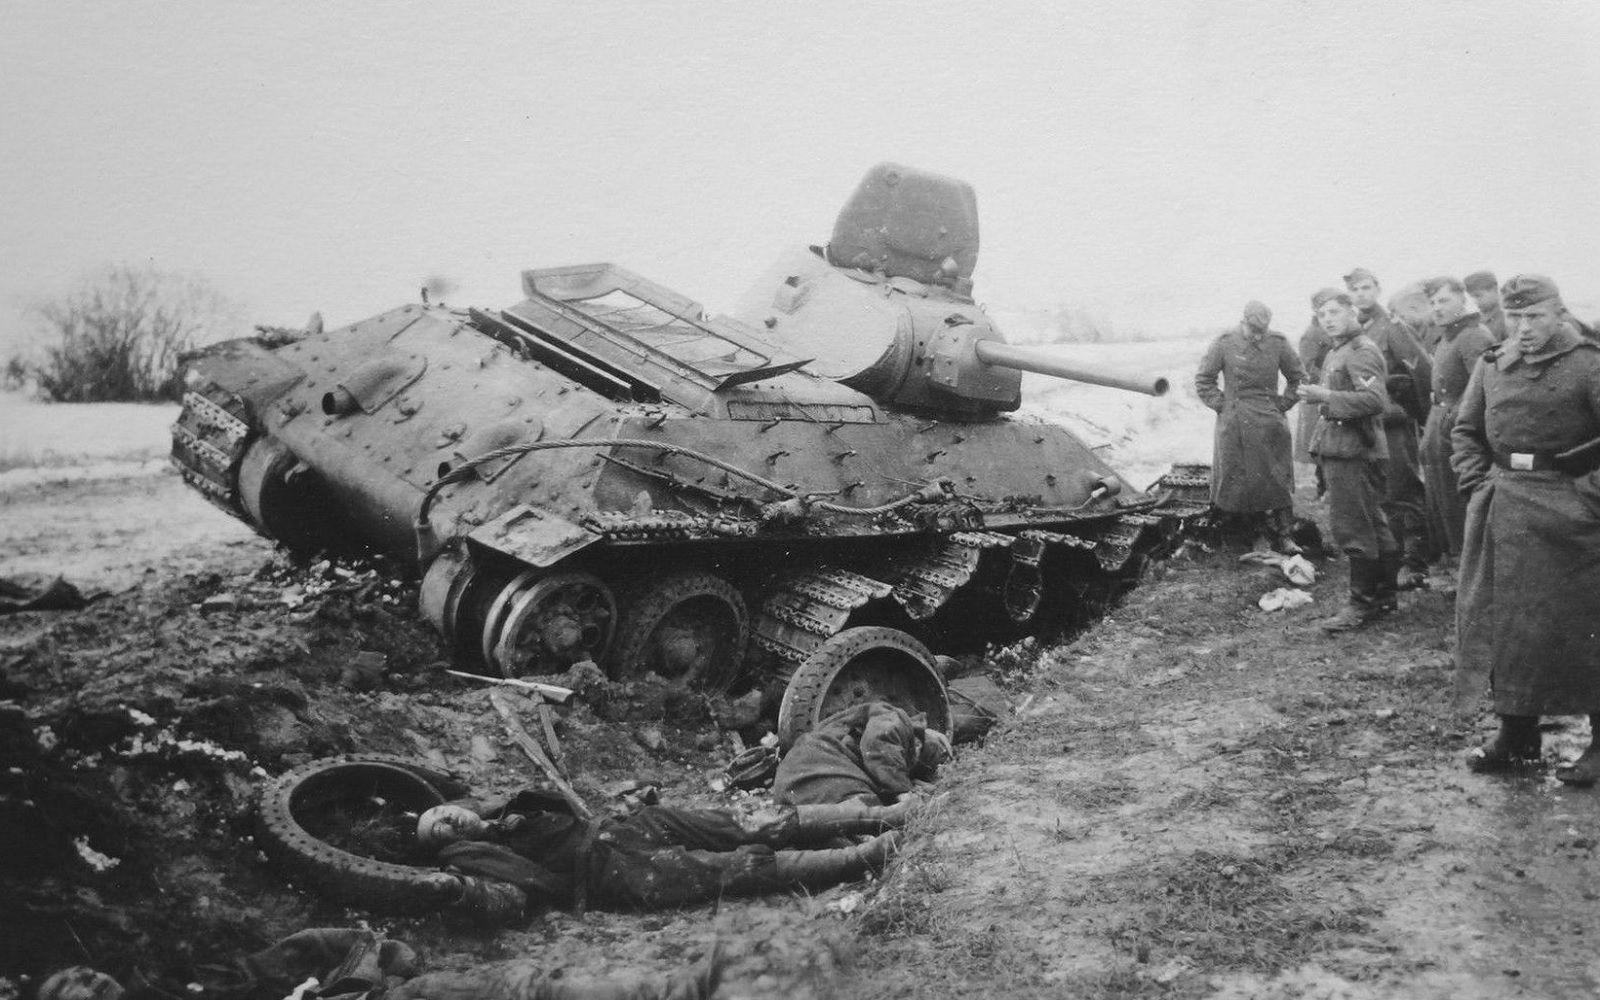 T-34_dead_tankers_II.jpg